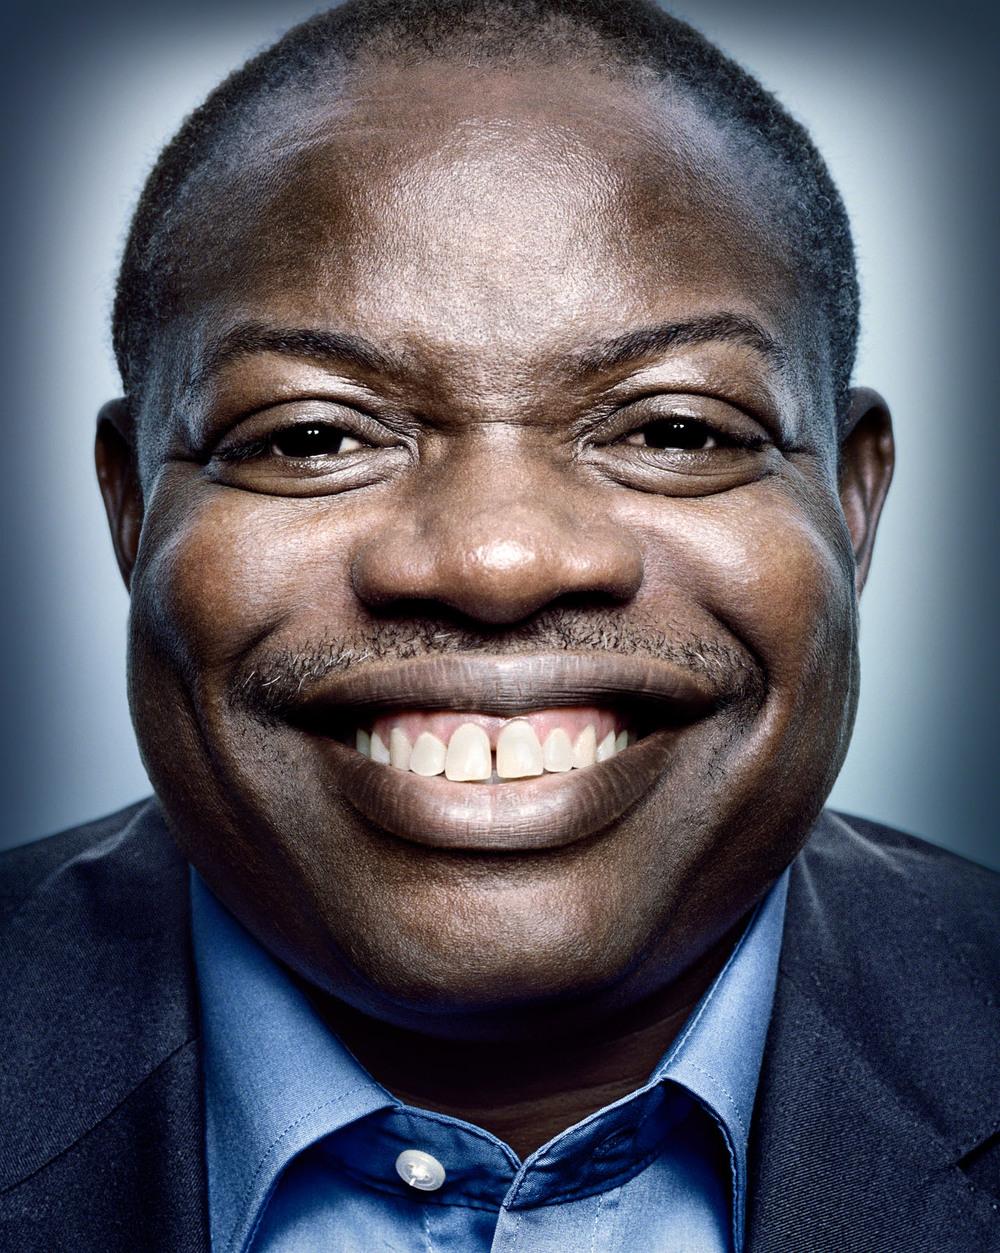 Dr. Olugbenga Mokuolu